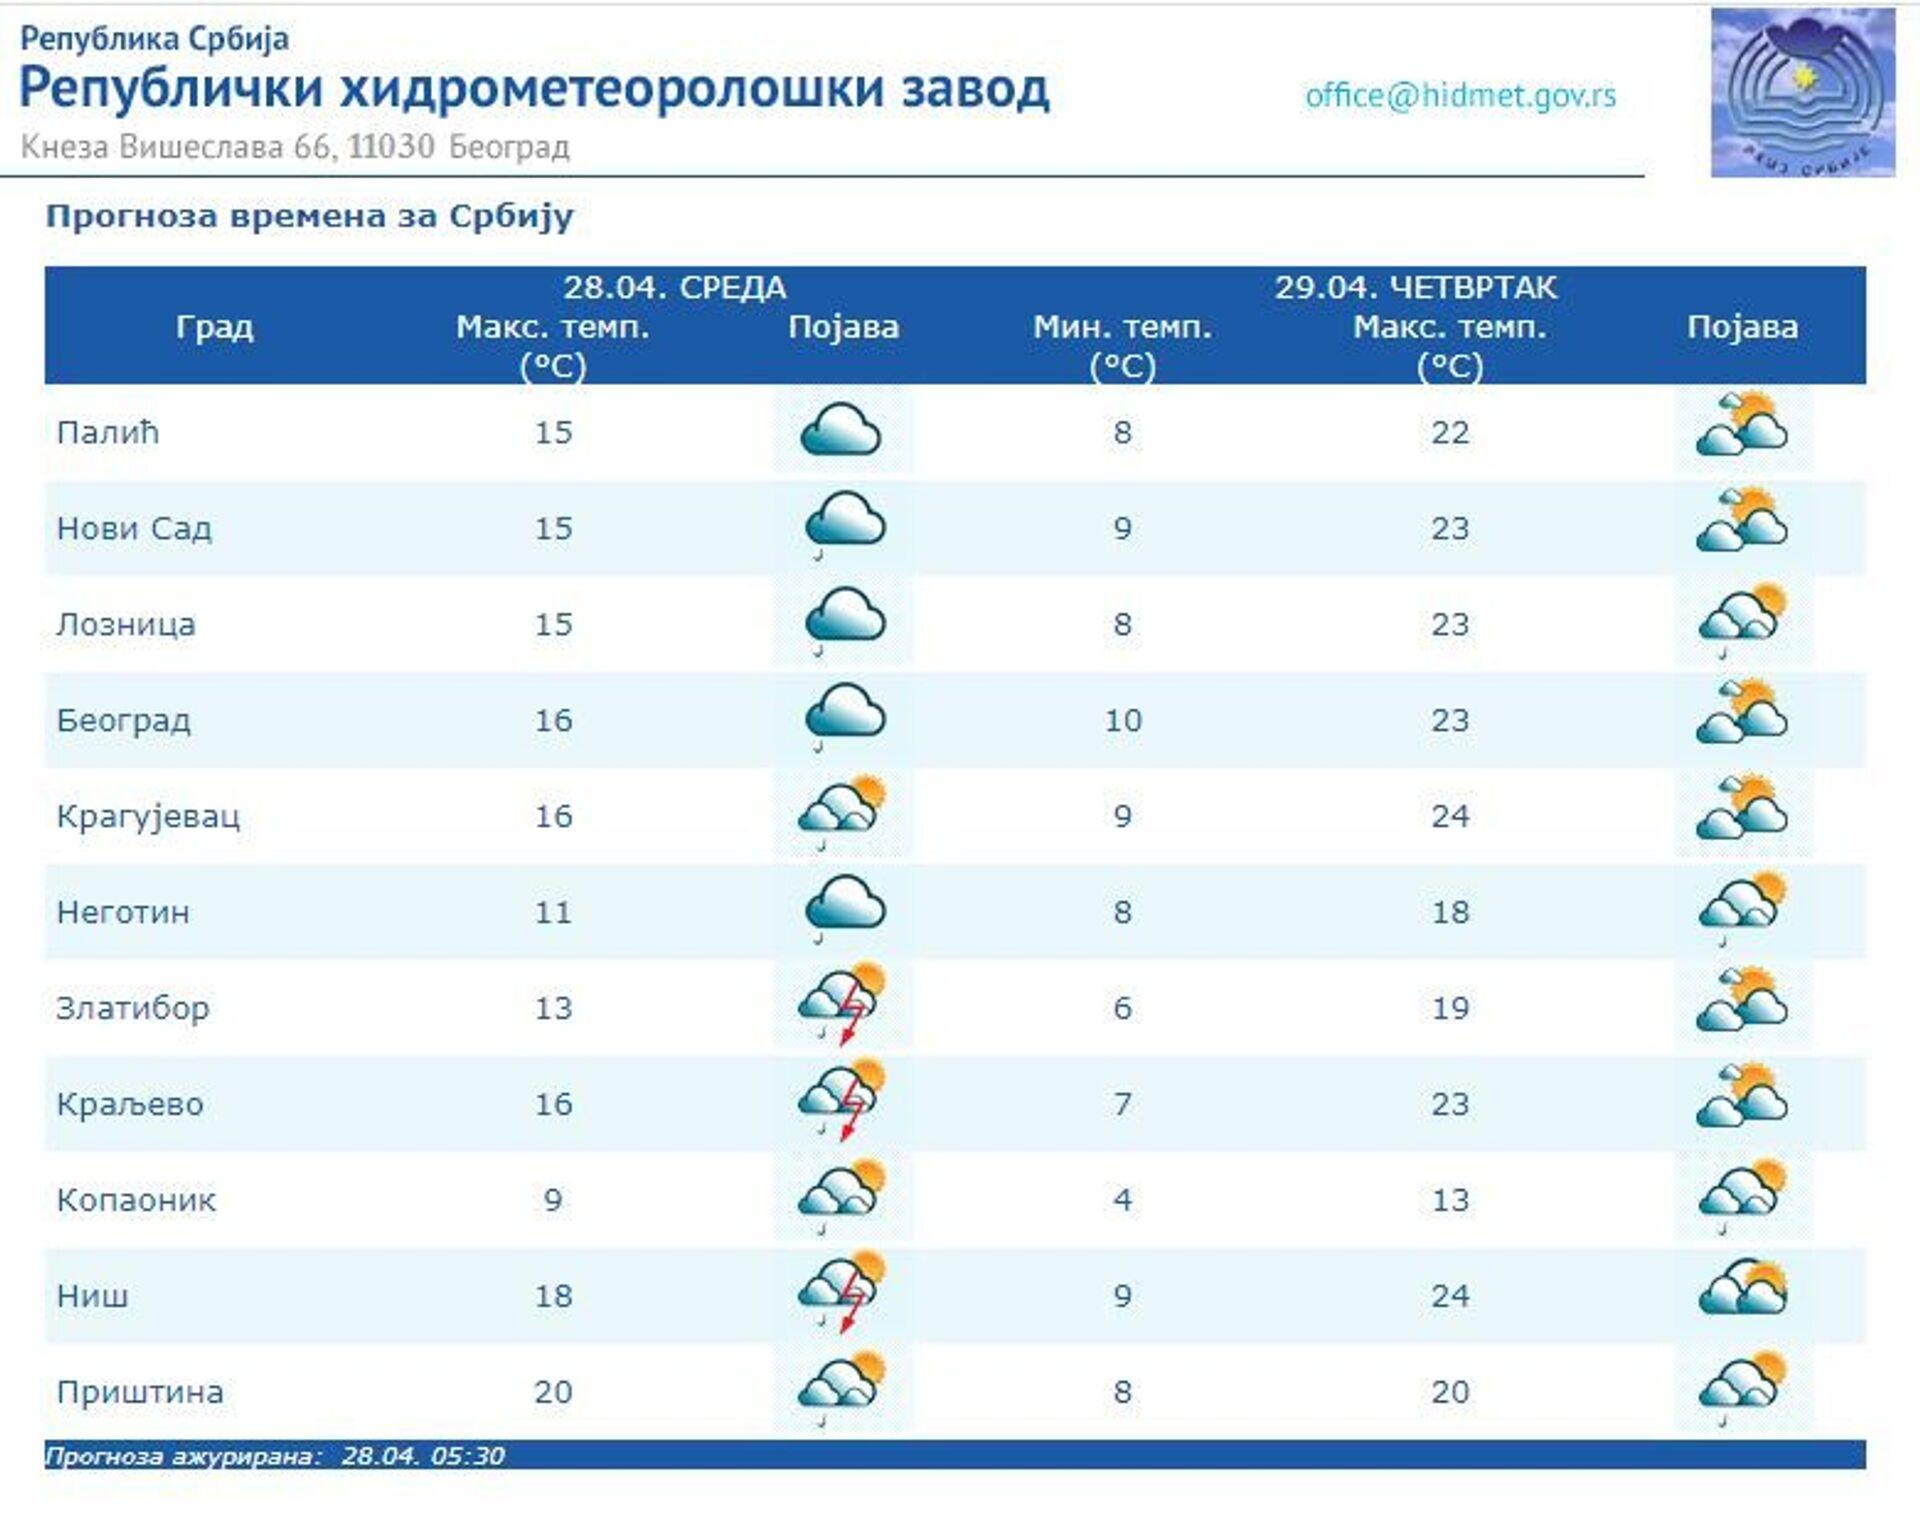 Vreme danas: Oblačno i toplije, sutra rast temperature - Sputnik Srbija, 1920, 28.04.2021